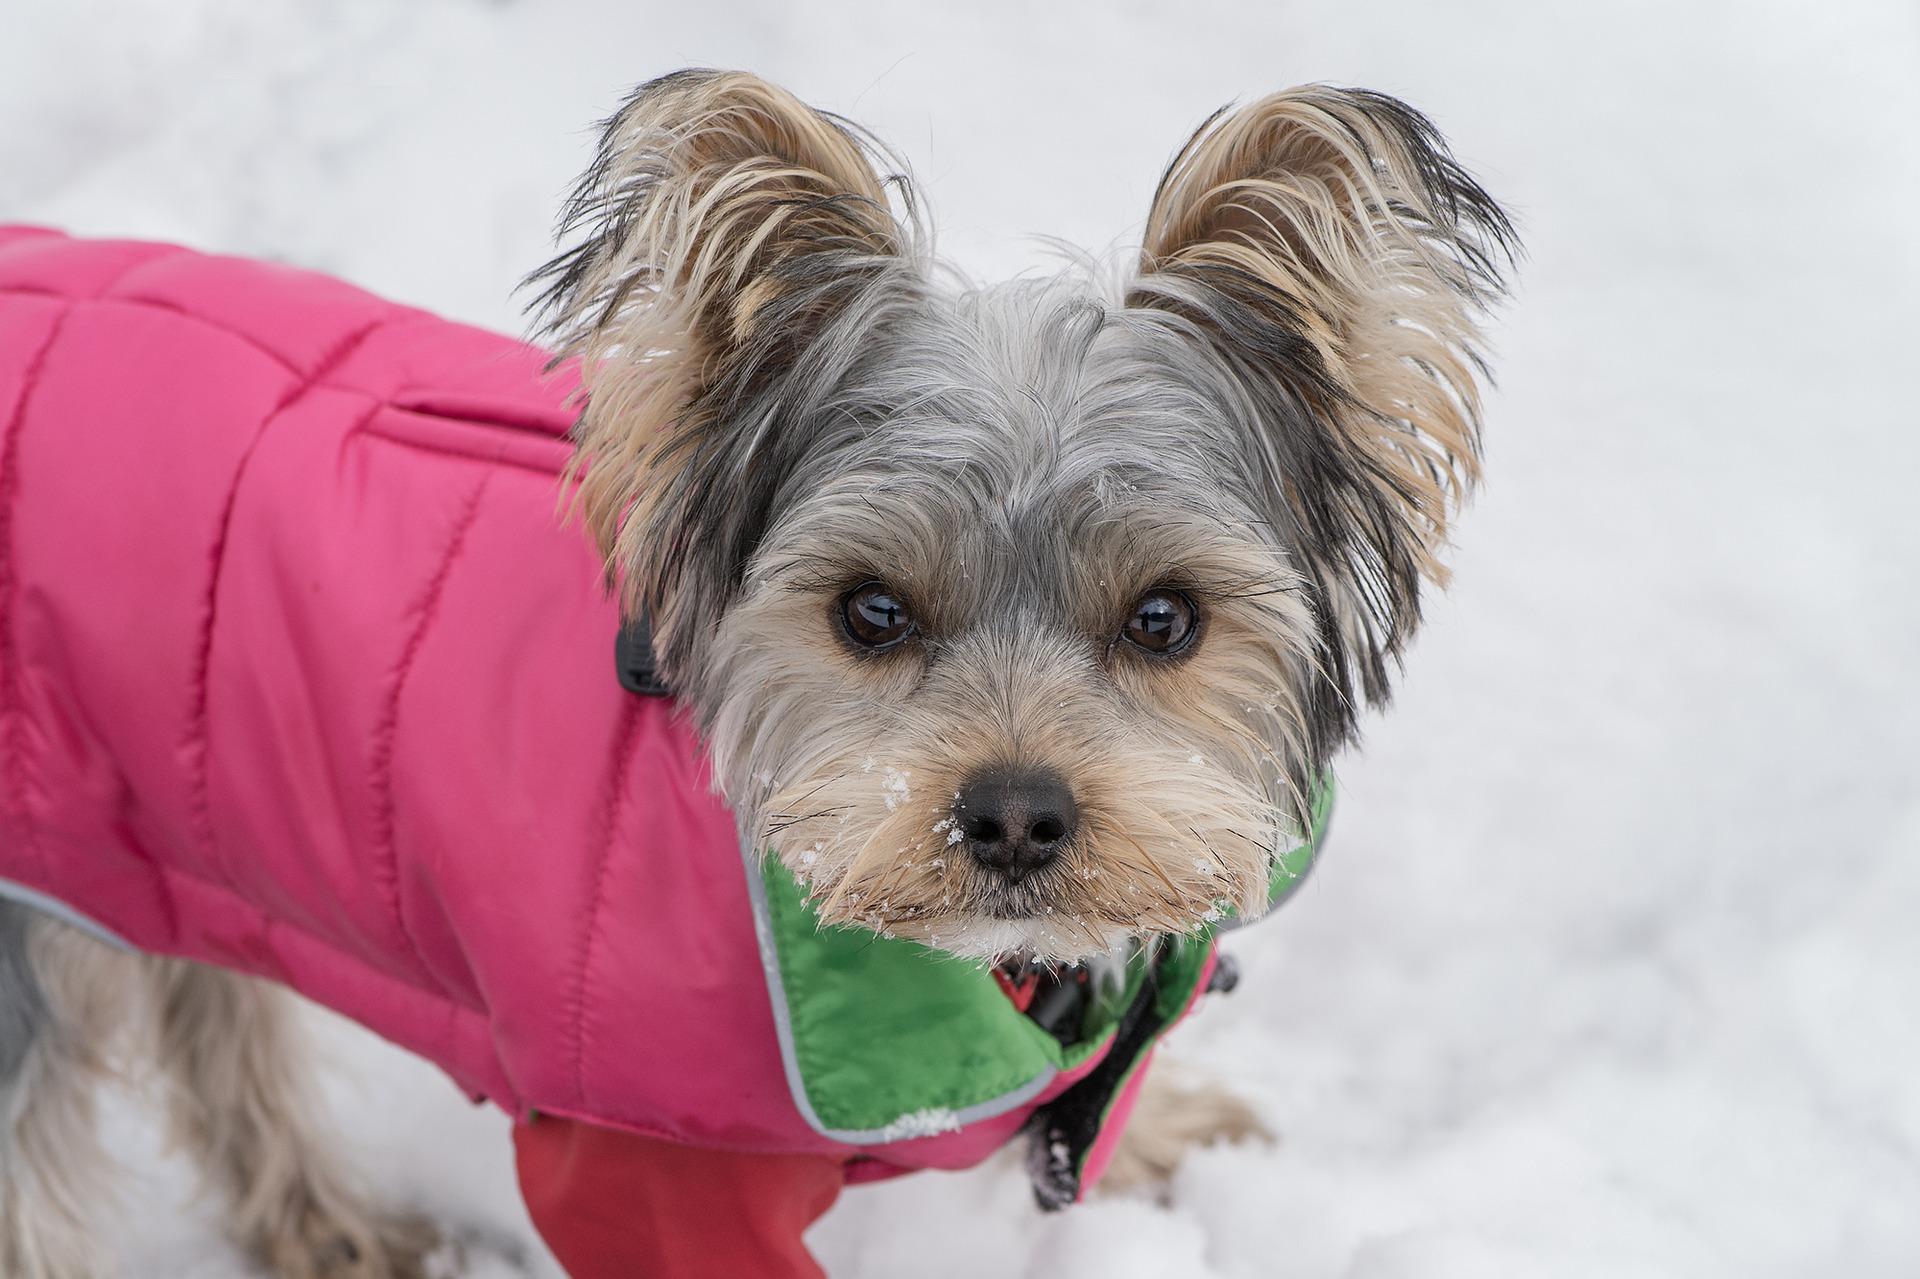 Sweterki, płaszczyki, kurteczki dla psów. Wybór jest ogromny. Na co się zdecydować?